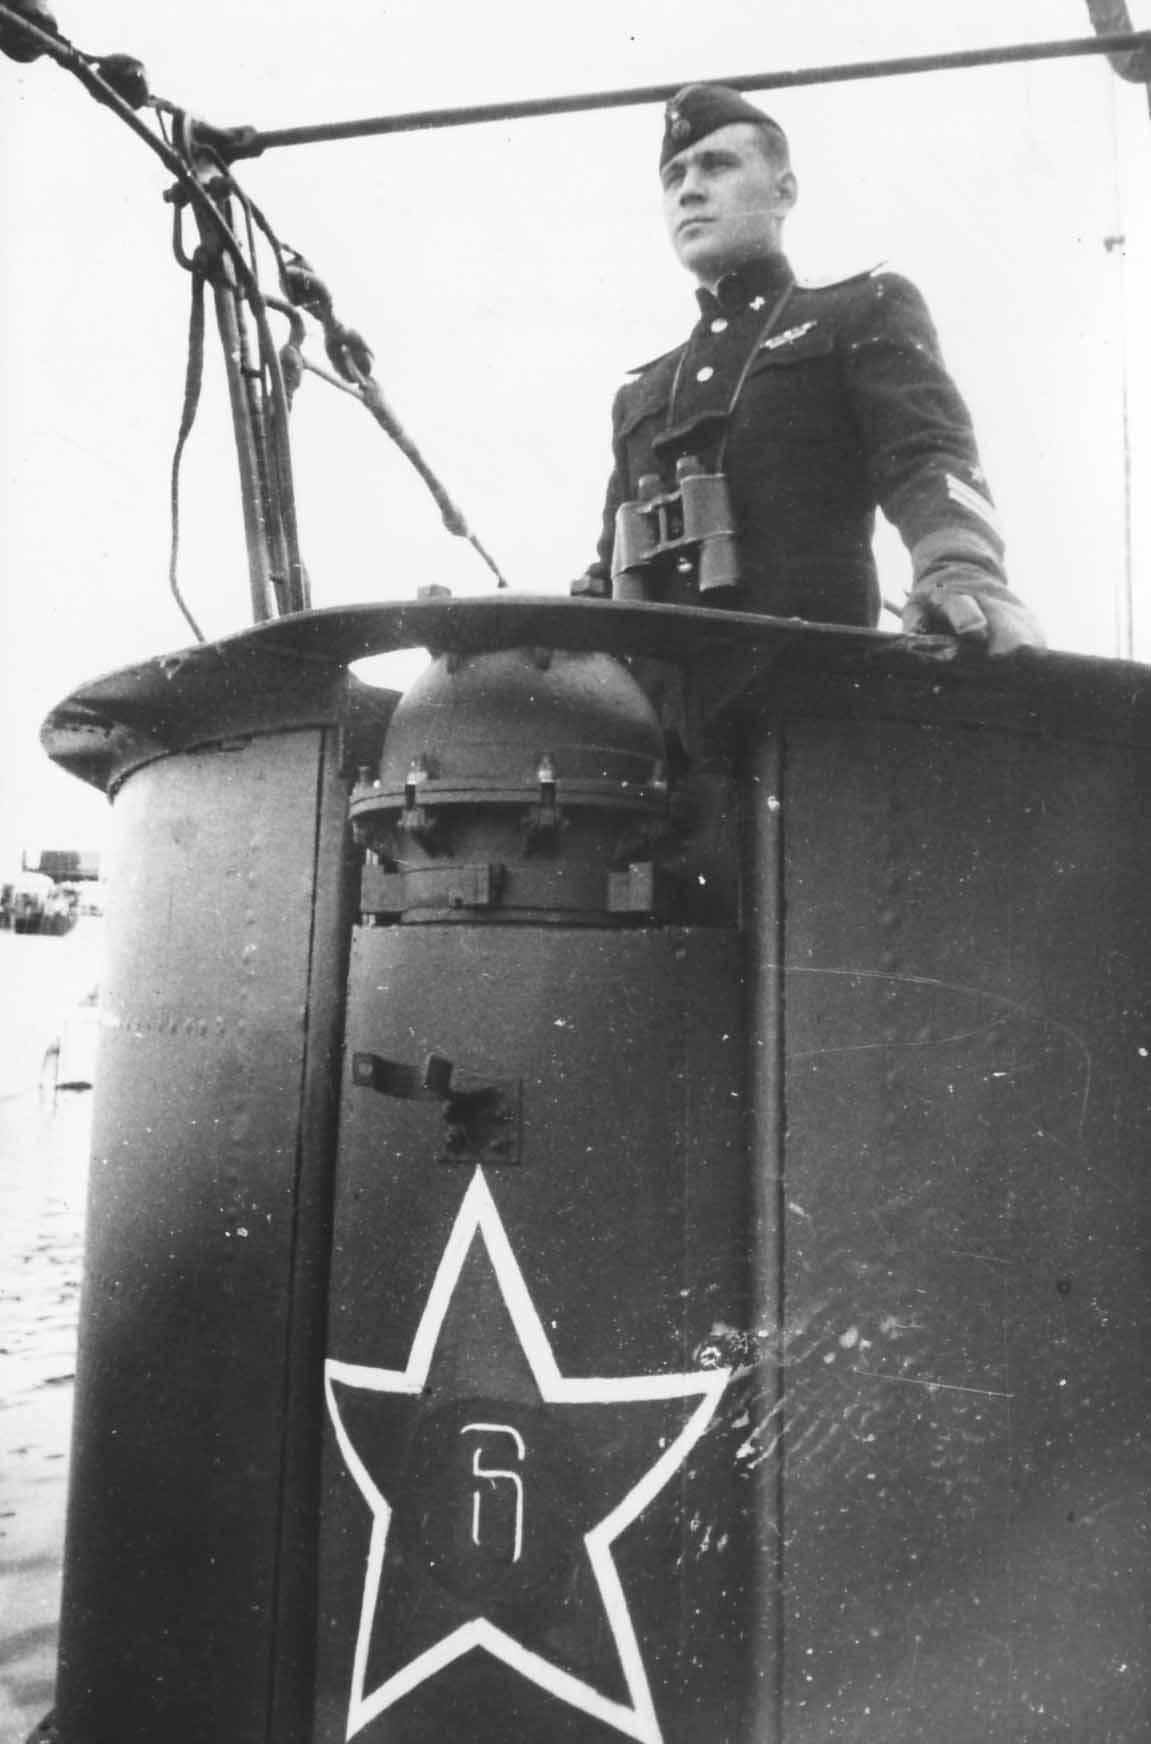 С 9 января по 15 февраля 1945 года, совершая свой пятый боевой поход, маринеско со своим экипажем потопил два крупных